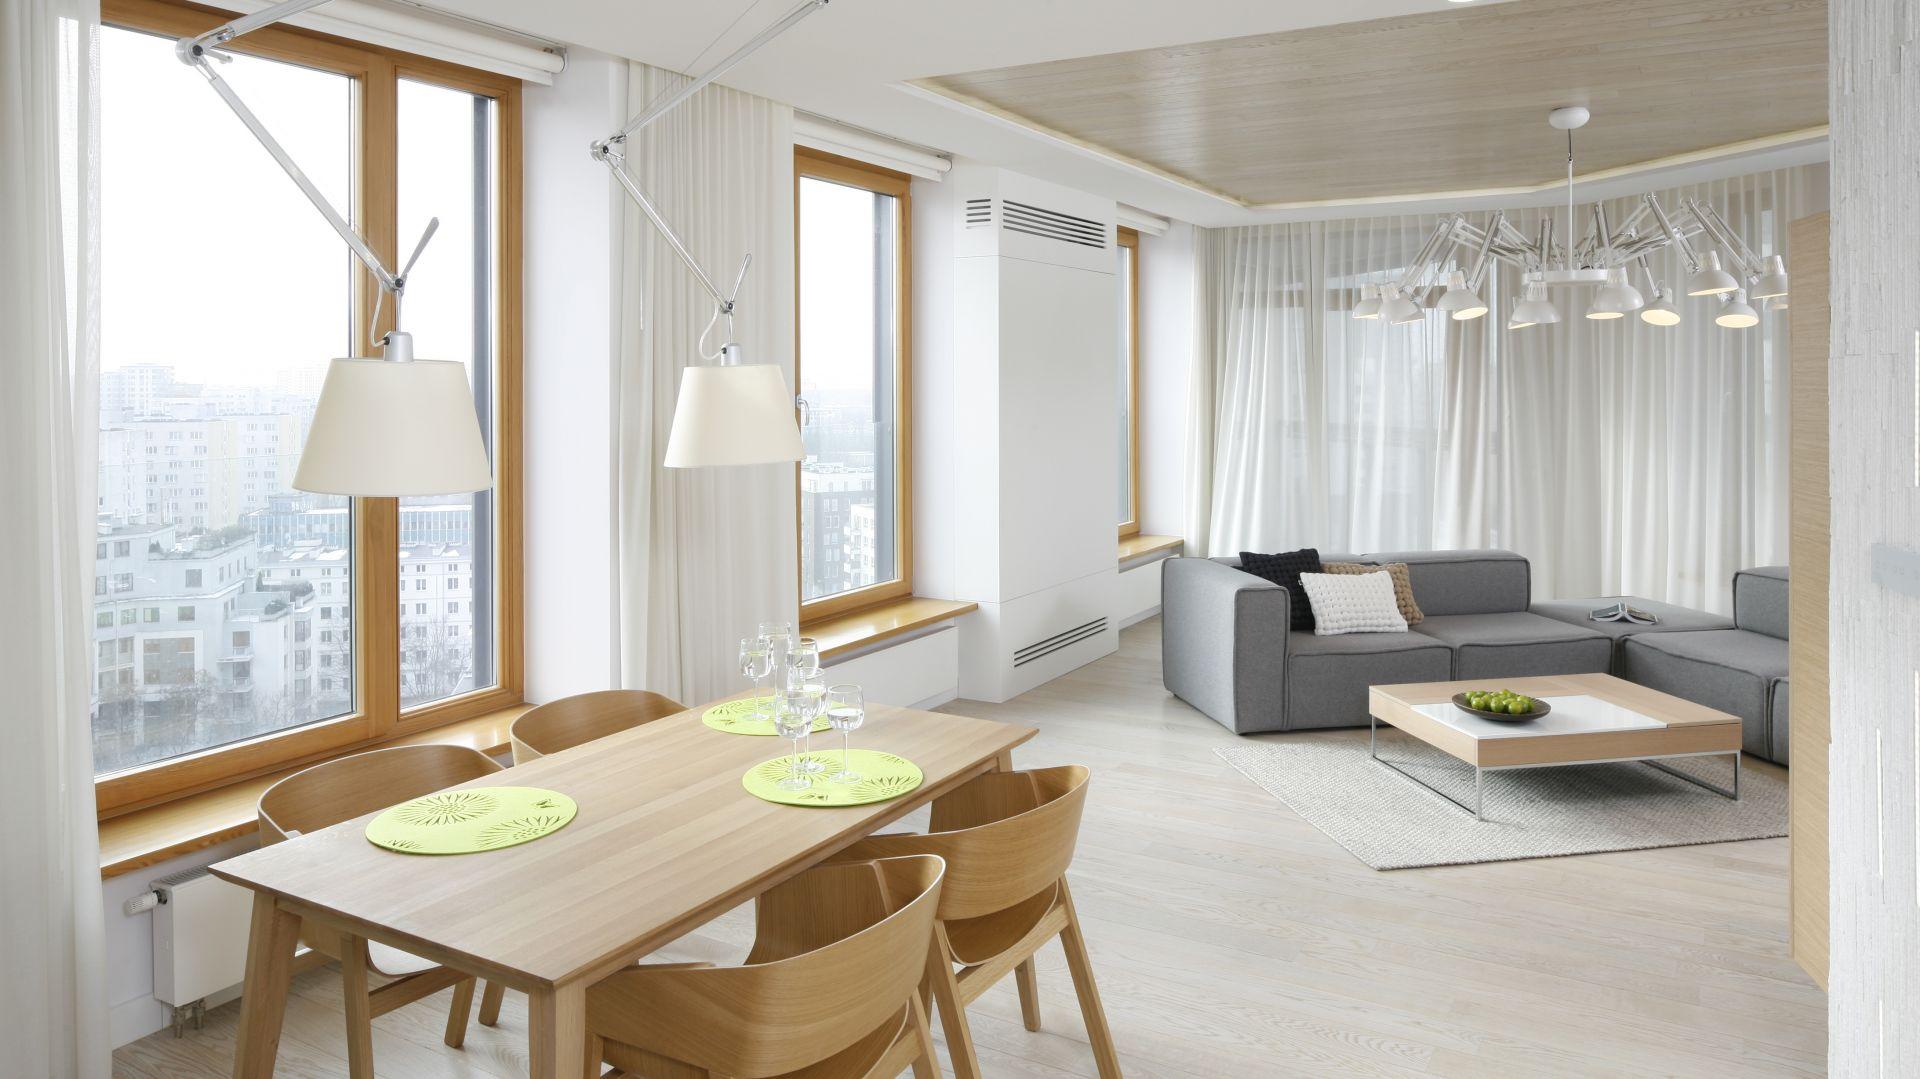 Jasny salon z jadalnią w mieszkaniu w bloku. Drewniany stół oraz krzesła pięknie ocieplają aranżację. Projekt: Maciej Brzostek. Fot. Bartosz Jarosz